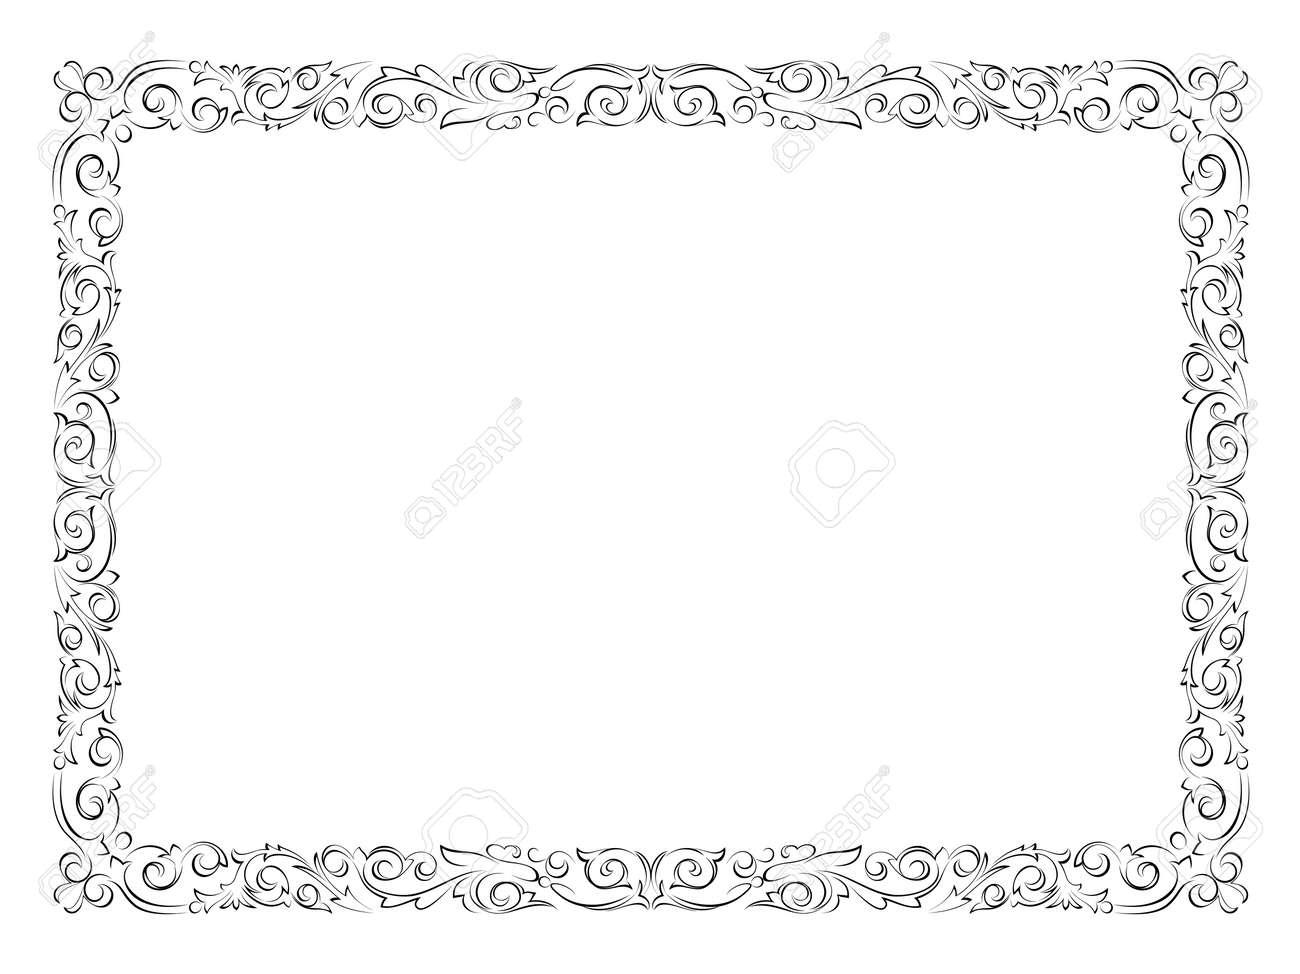 シンプルな黒い達筆で書く装飾用フレーム (飾り枠パターン ベクトル